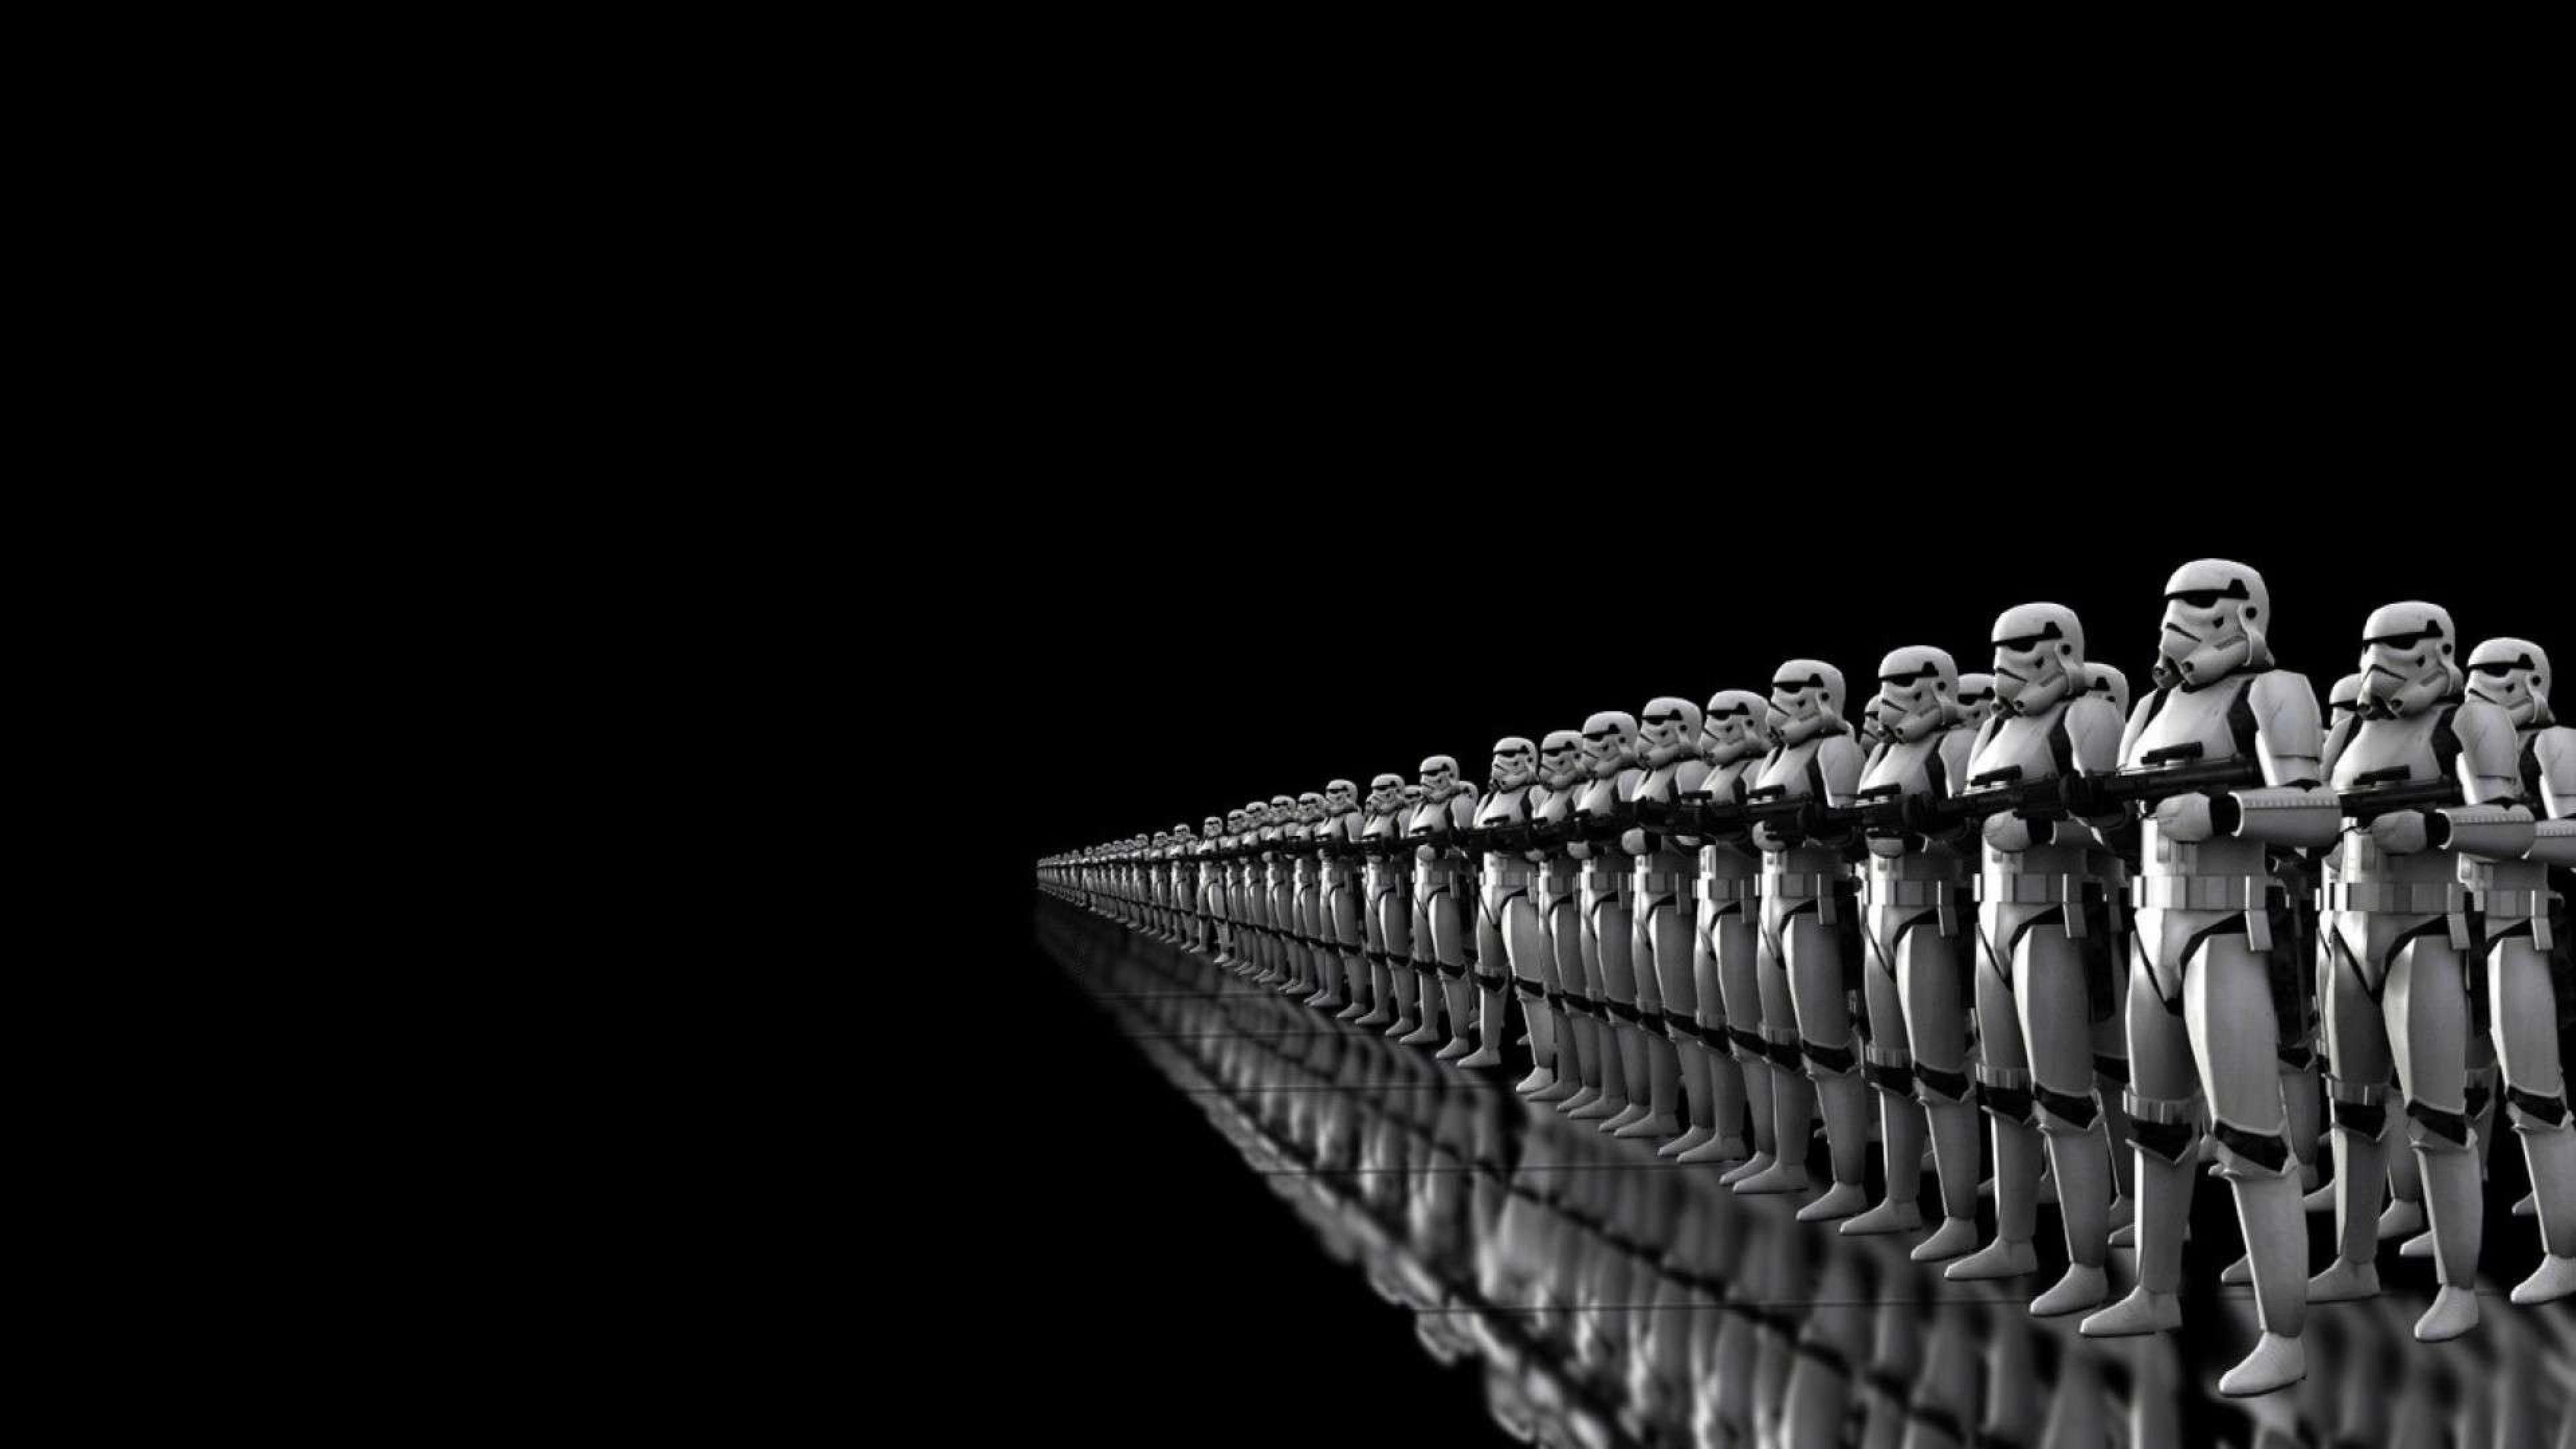 star wars empire wallpaper 1920×1080